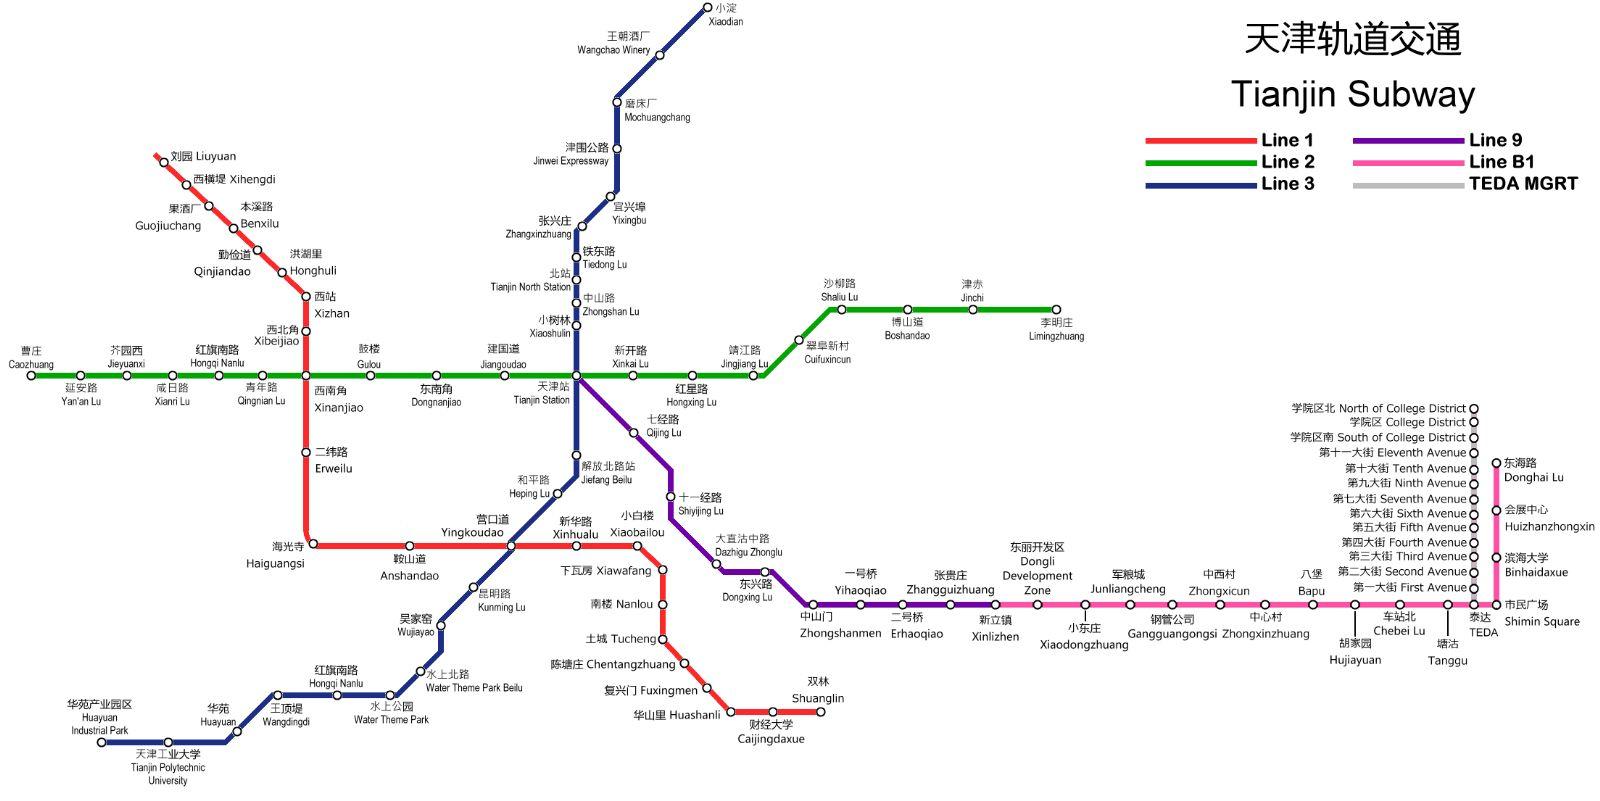 Tianjin Subway Map